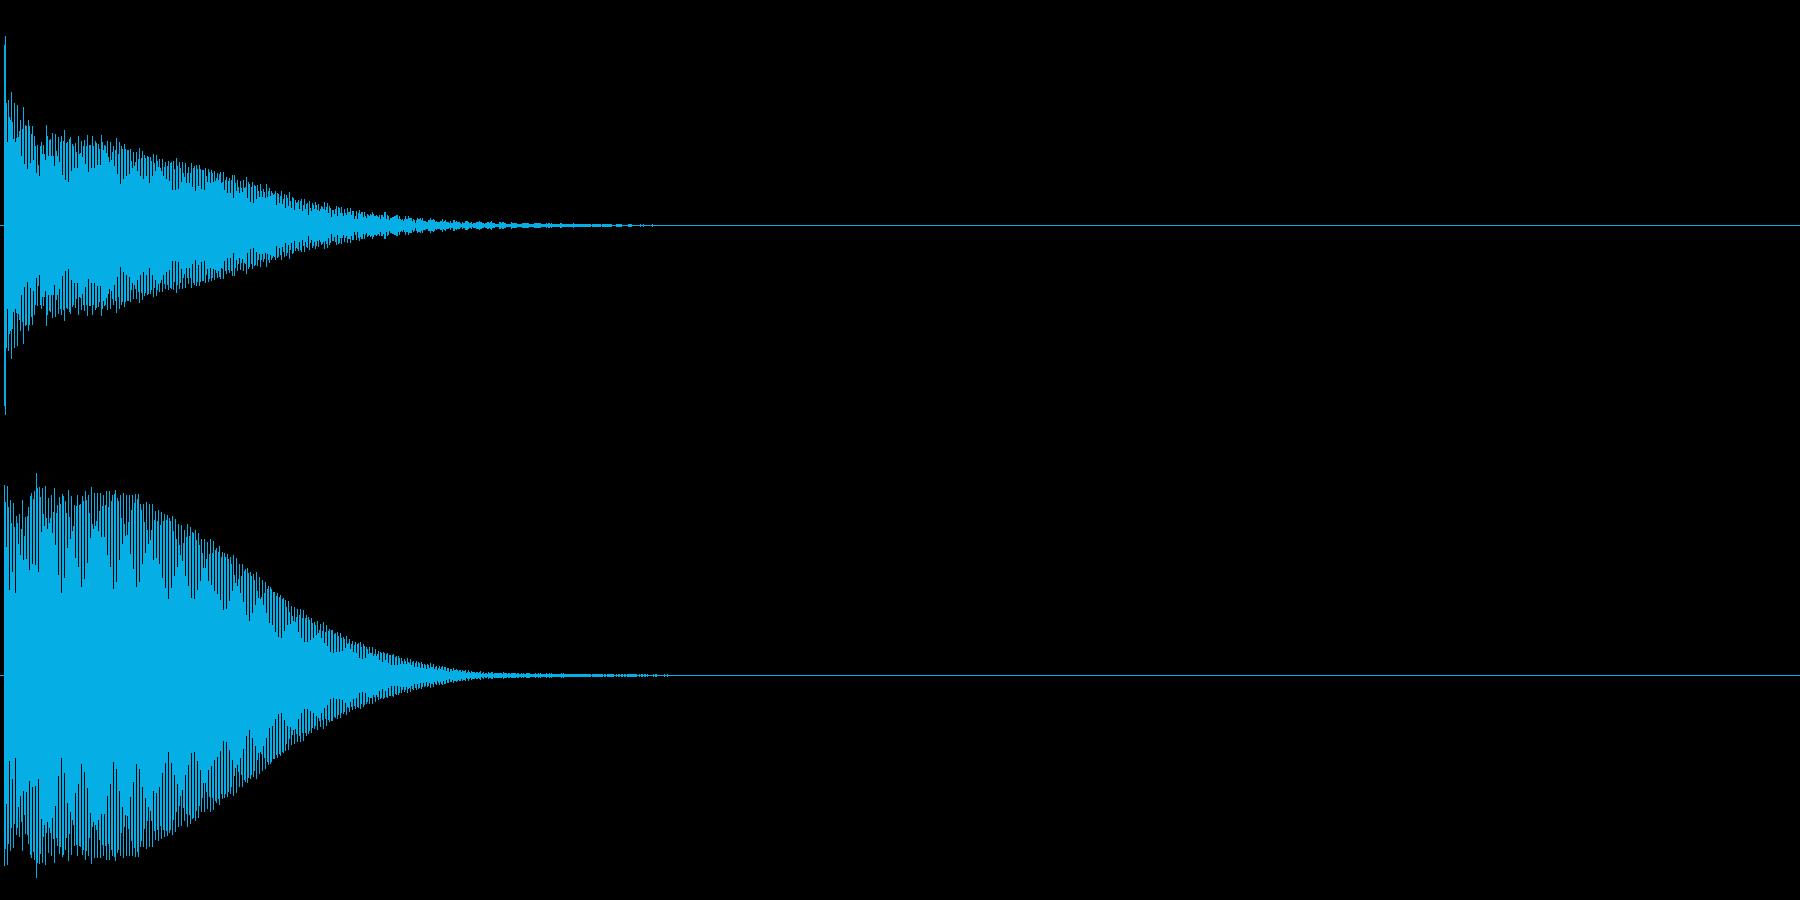 グロッケン系 ボタン音2(複)の再生済みの波形